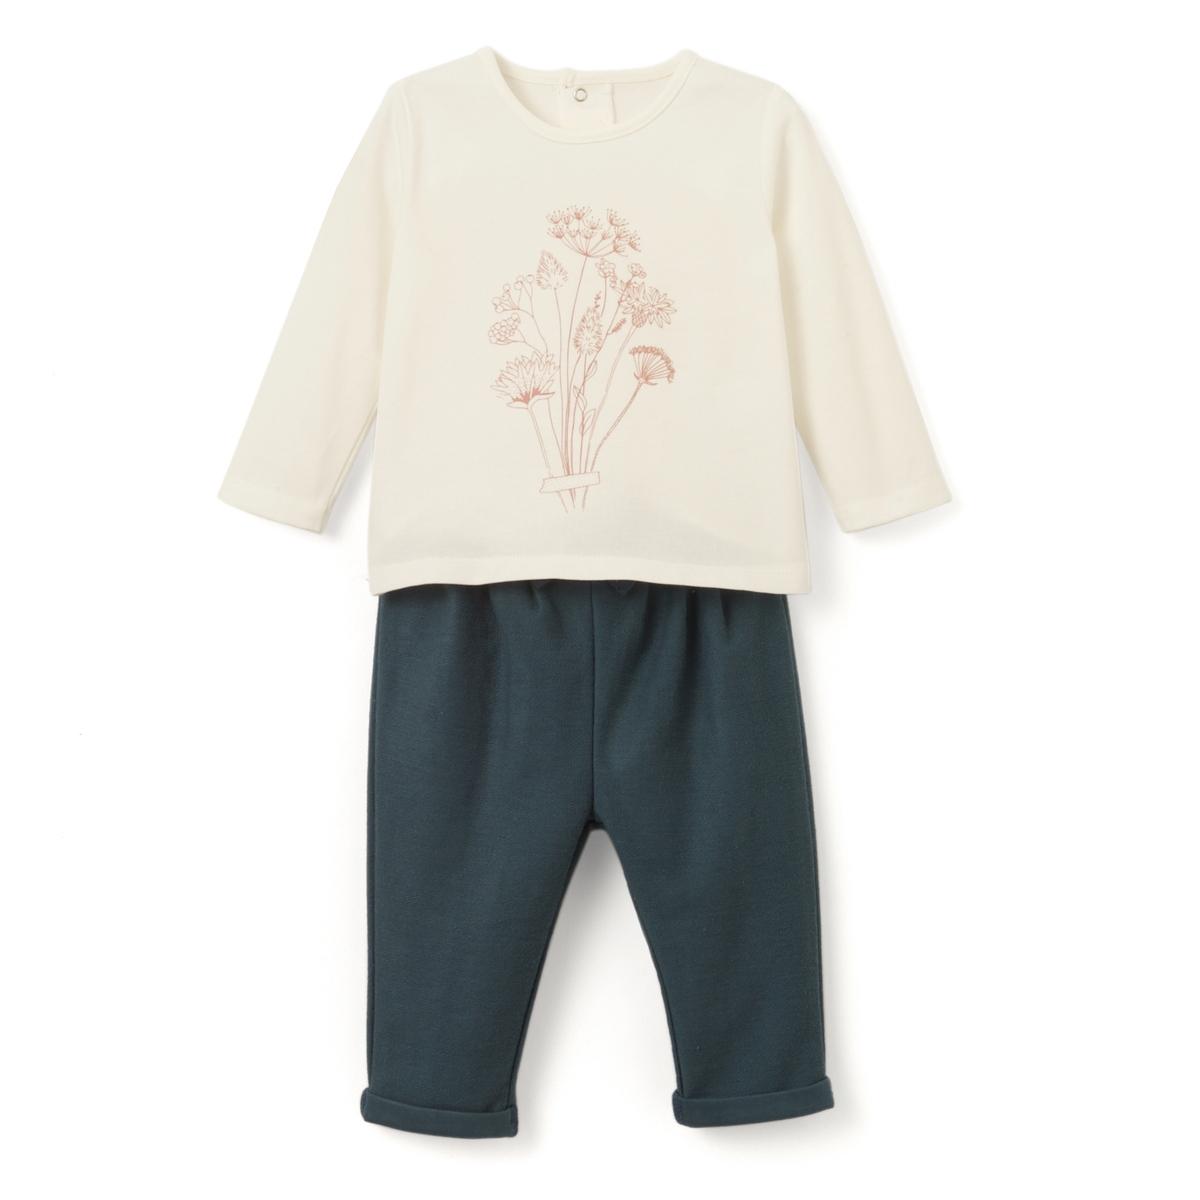 Комплект для малышей из футболки и штанишек 1 мес-3 лет Oeko Tex